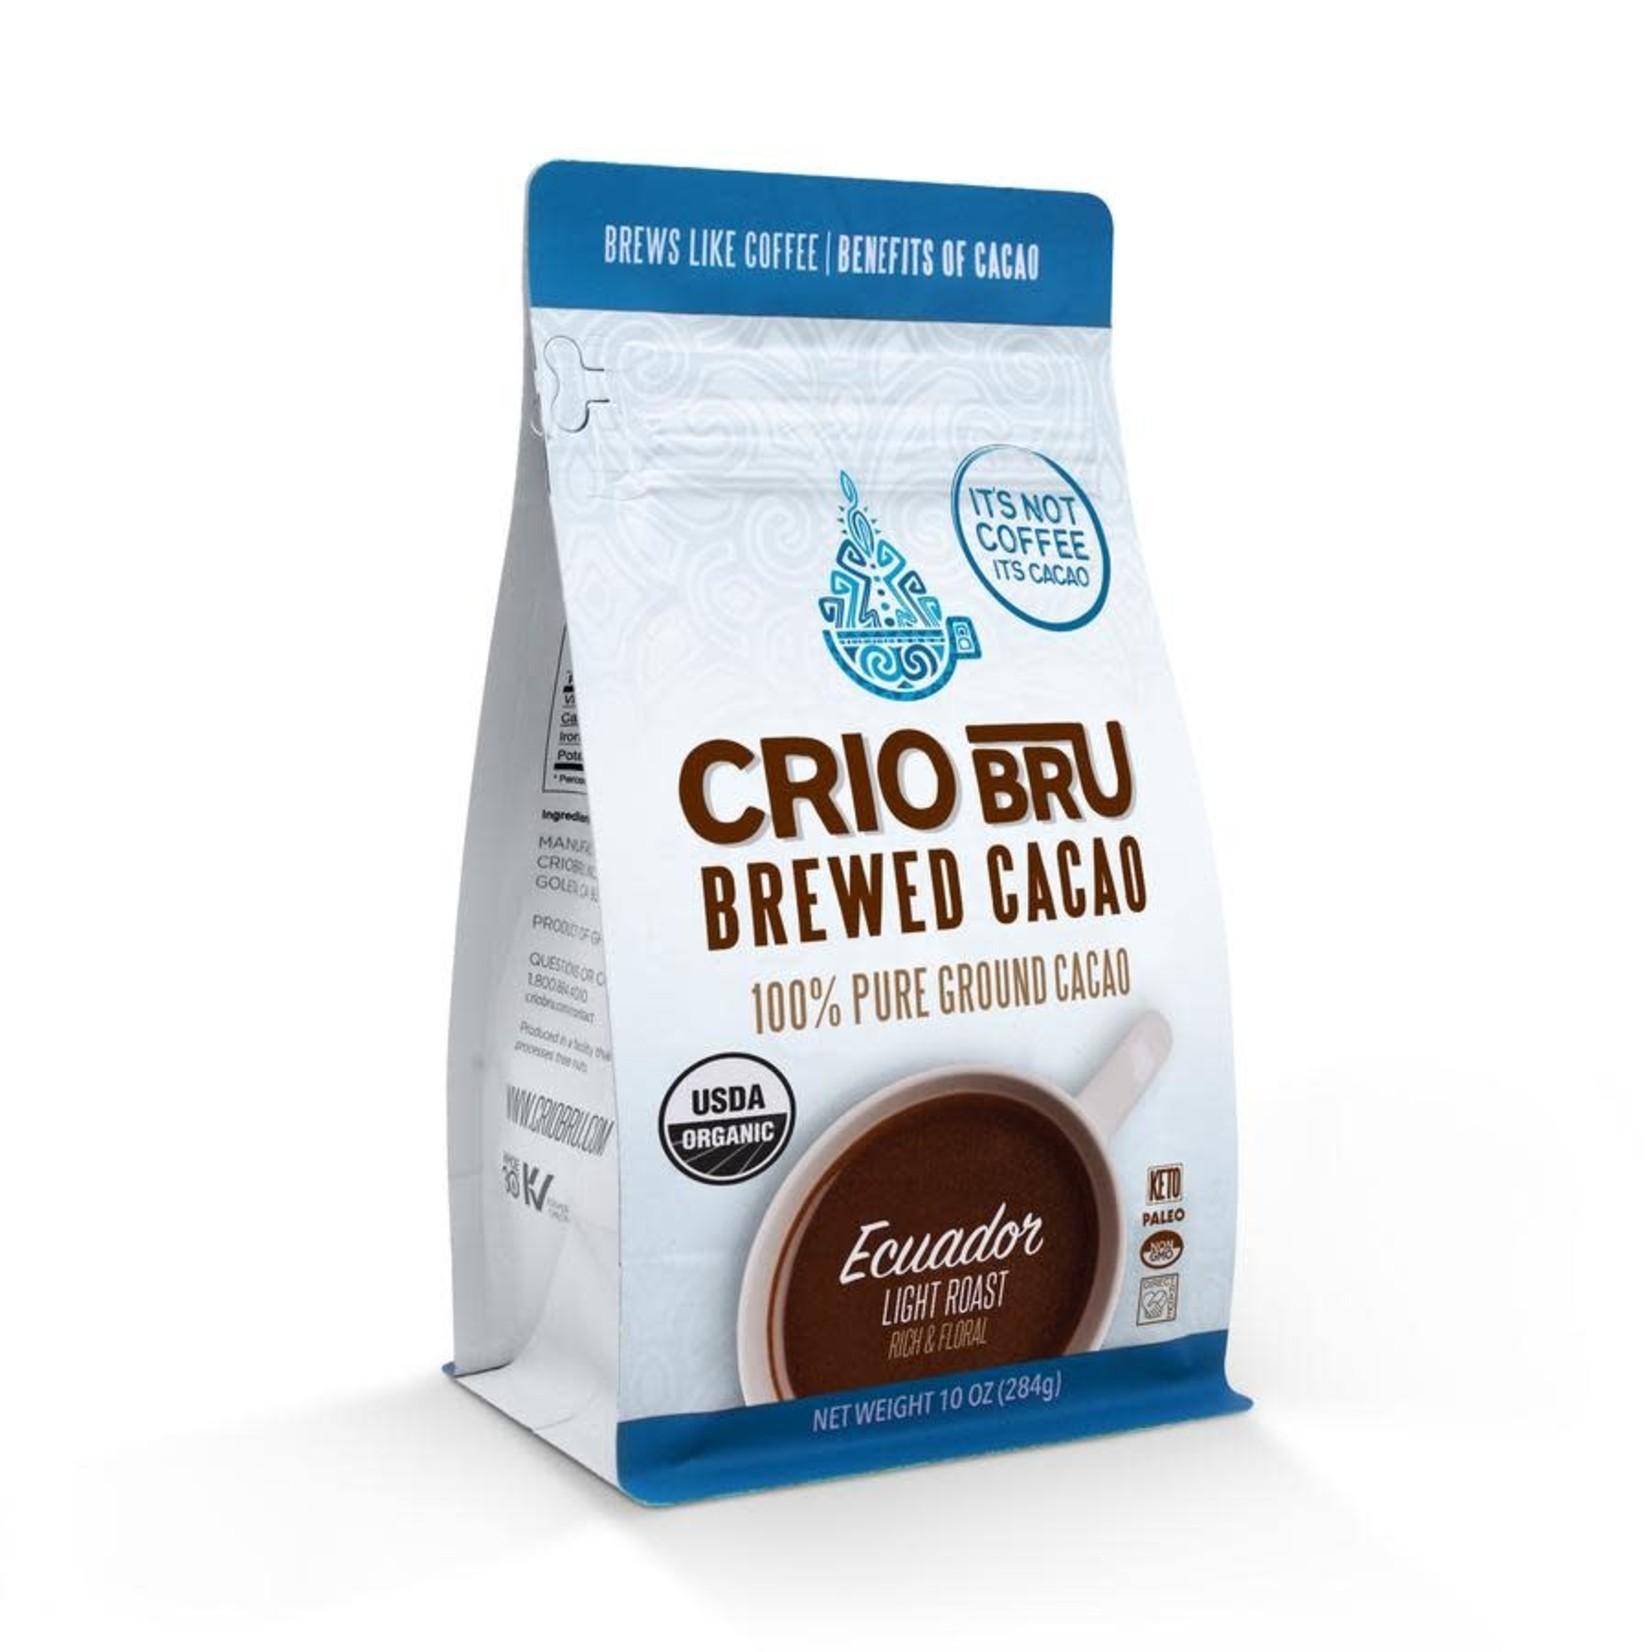 Crio Bru Ecuador Light Roast